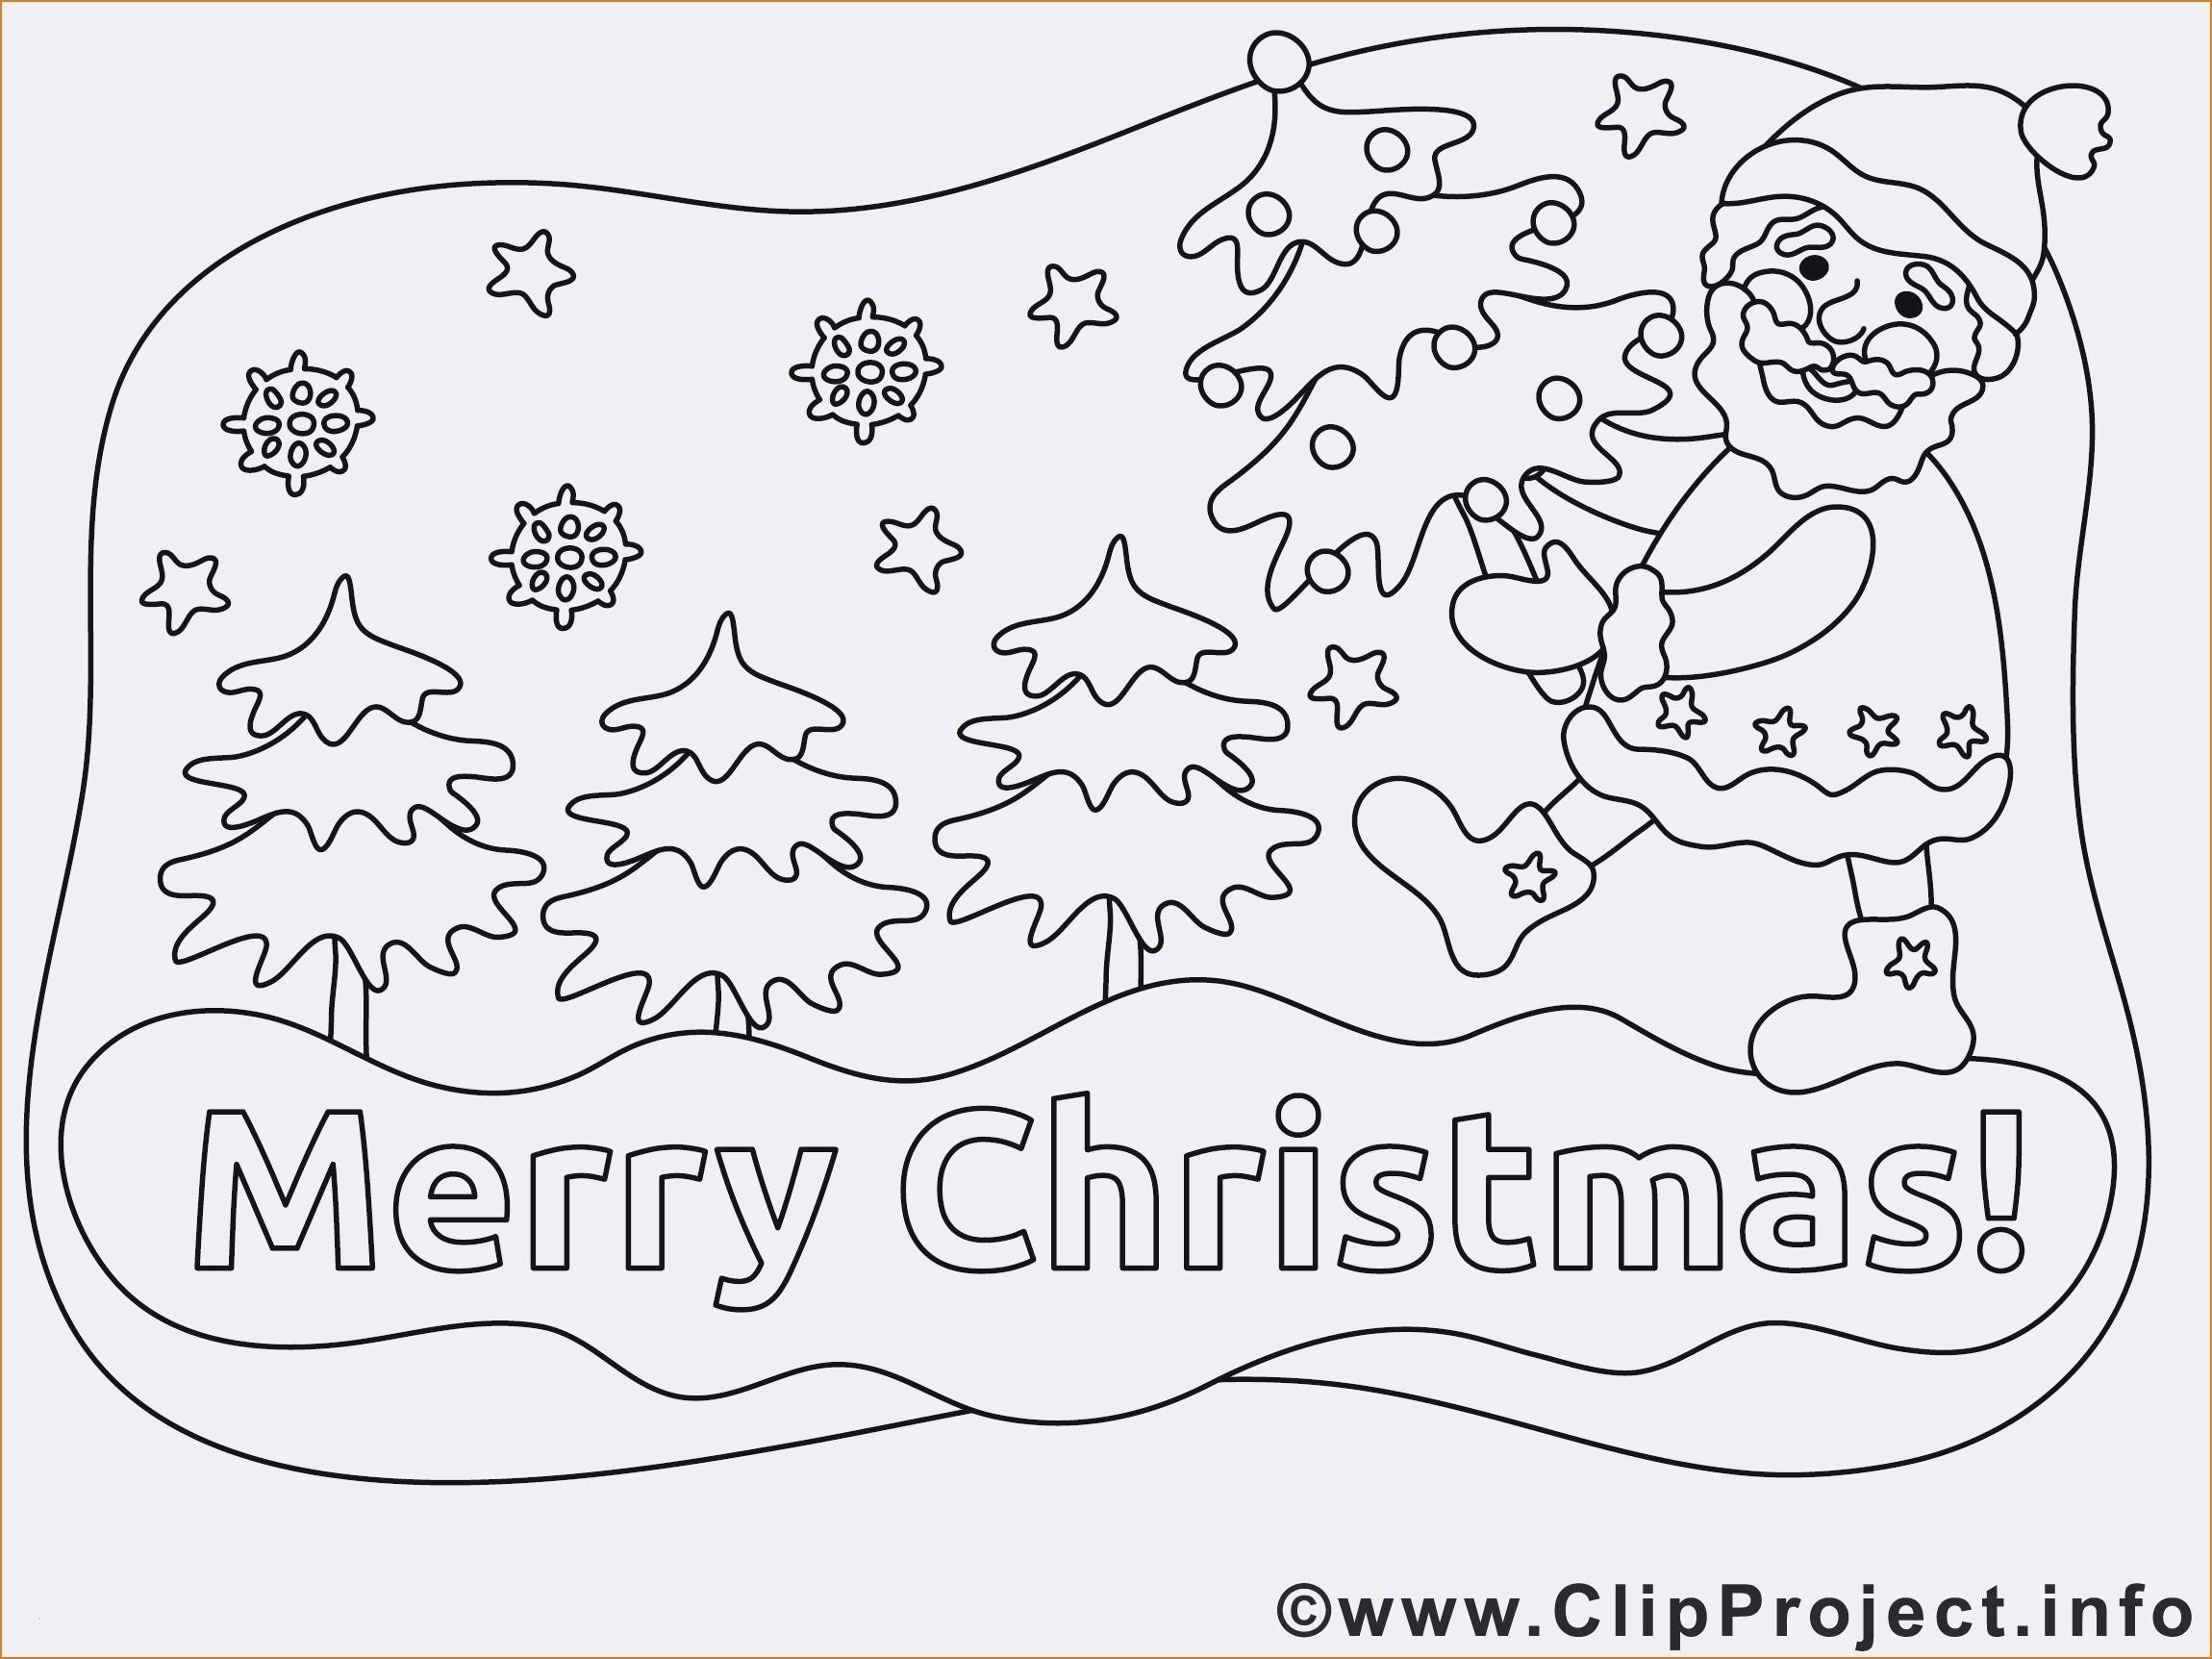 Ausmalbilder Weihnachten Mandalas Genial Ausmalbilder Weihnachten Krippe Mandala Kostenlos Ausdrucken Das Bild